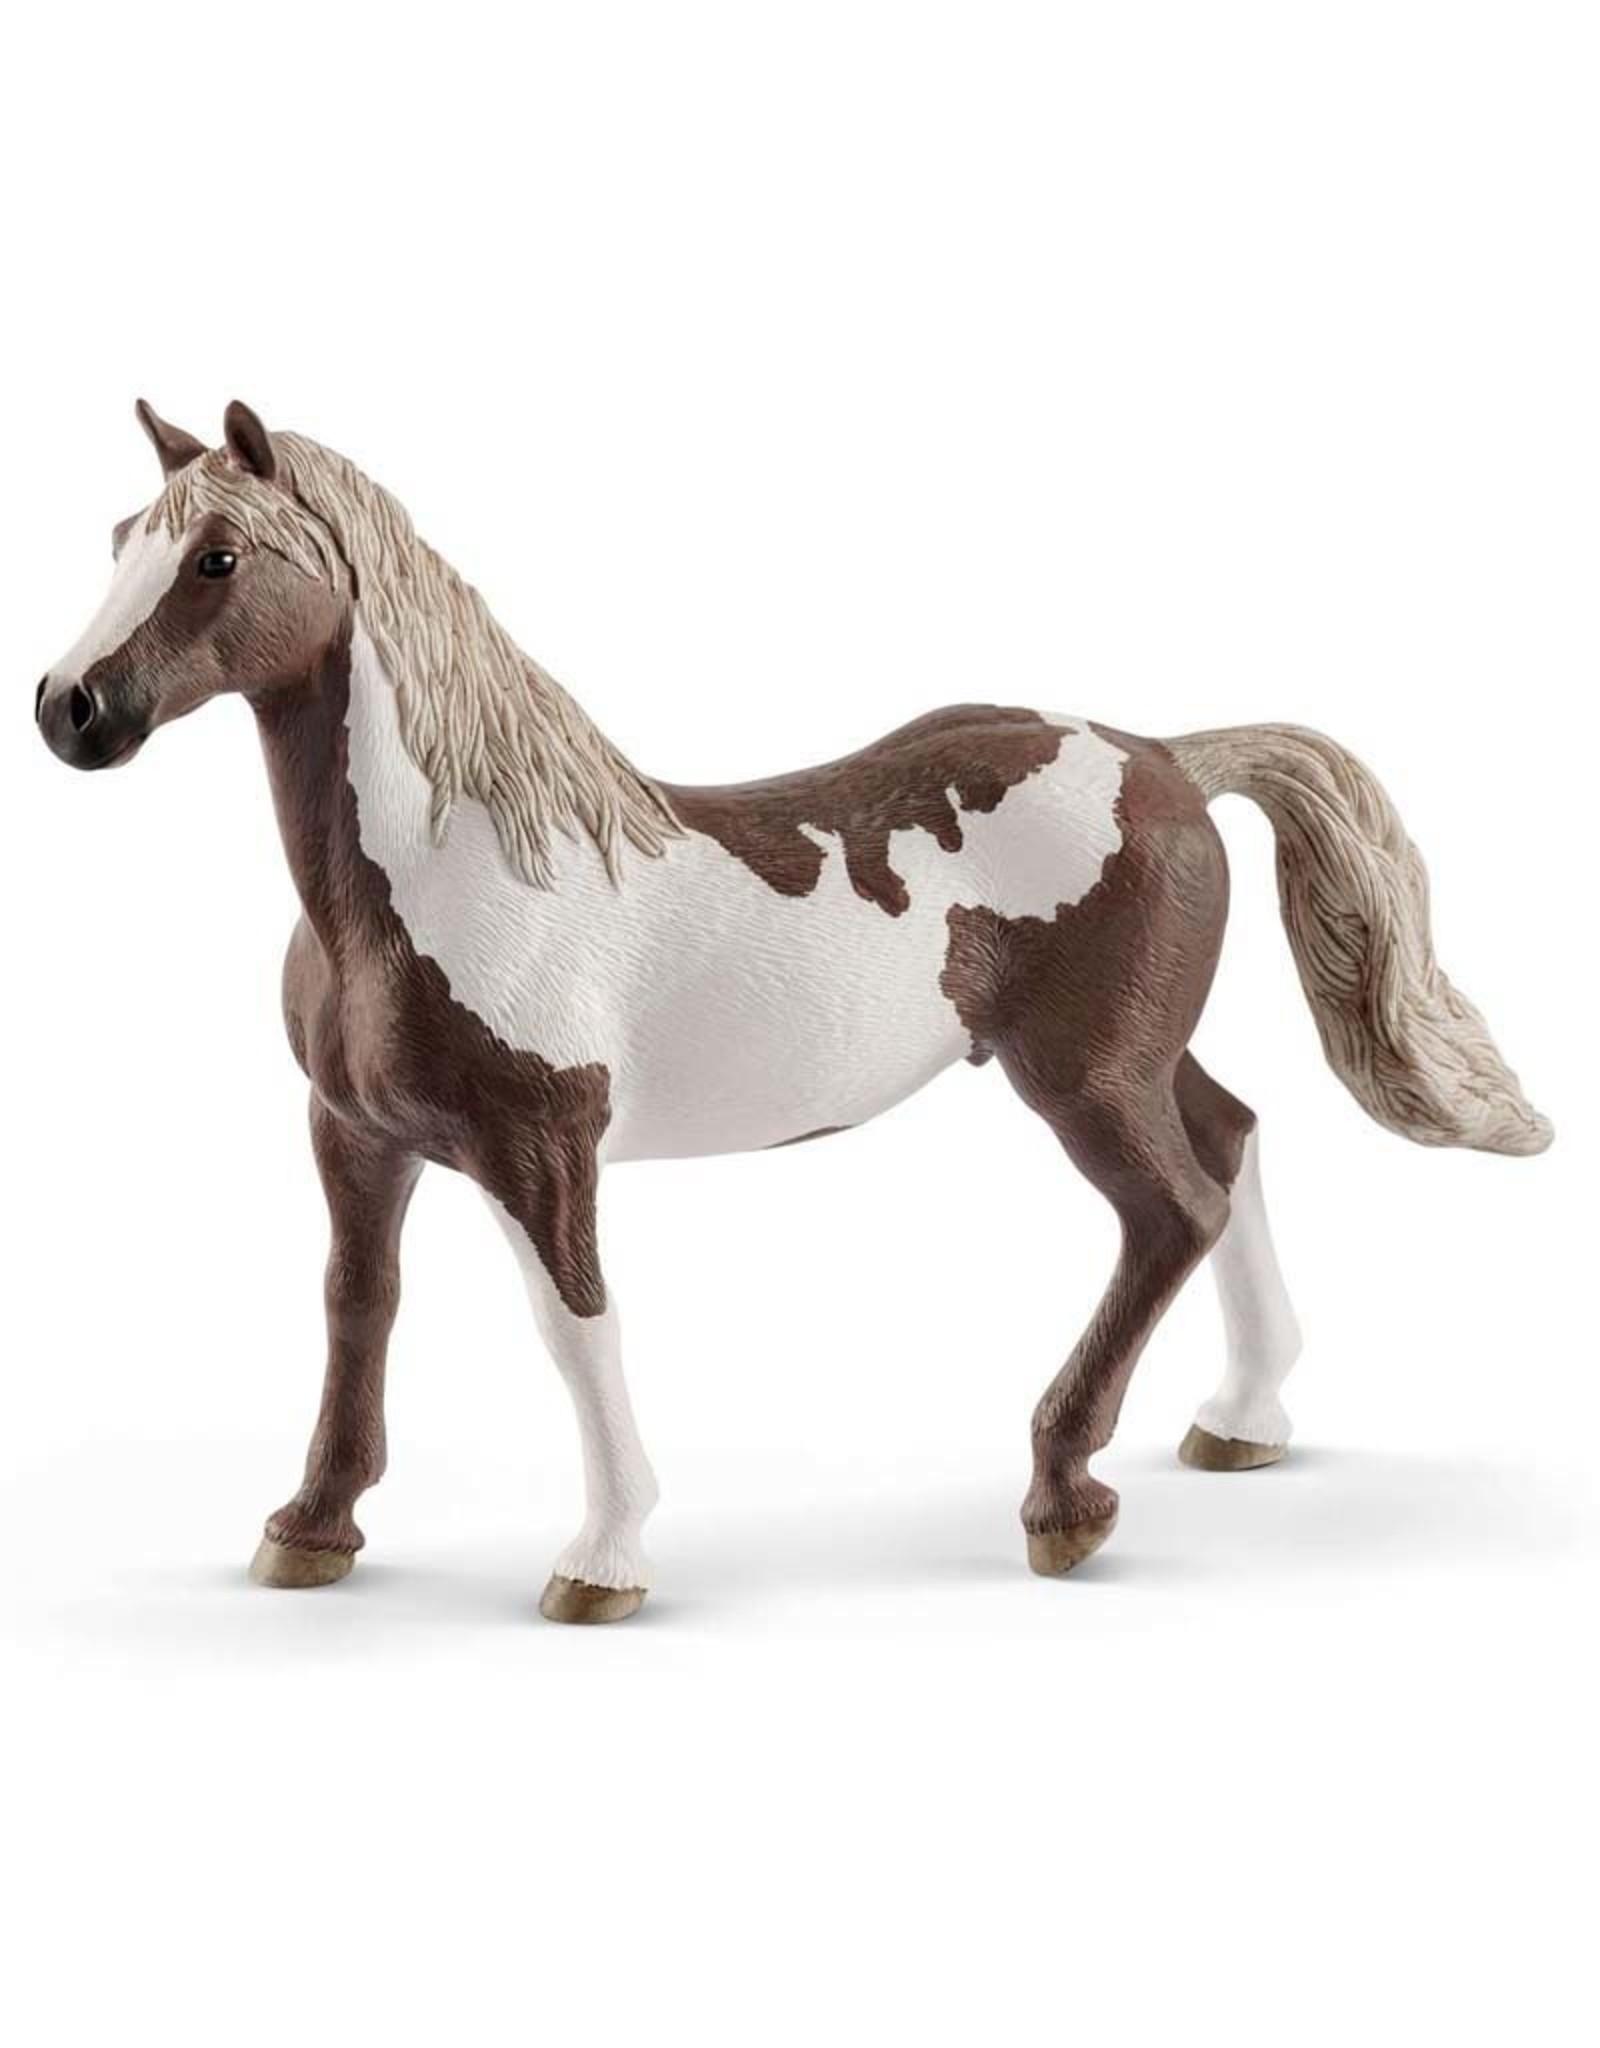 Schleich Schleich Paint horse gelding